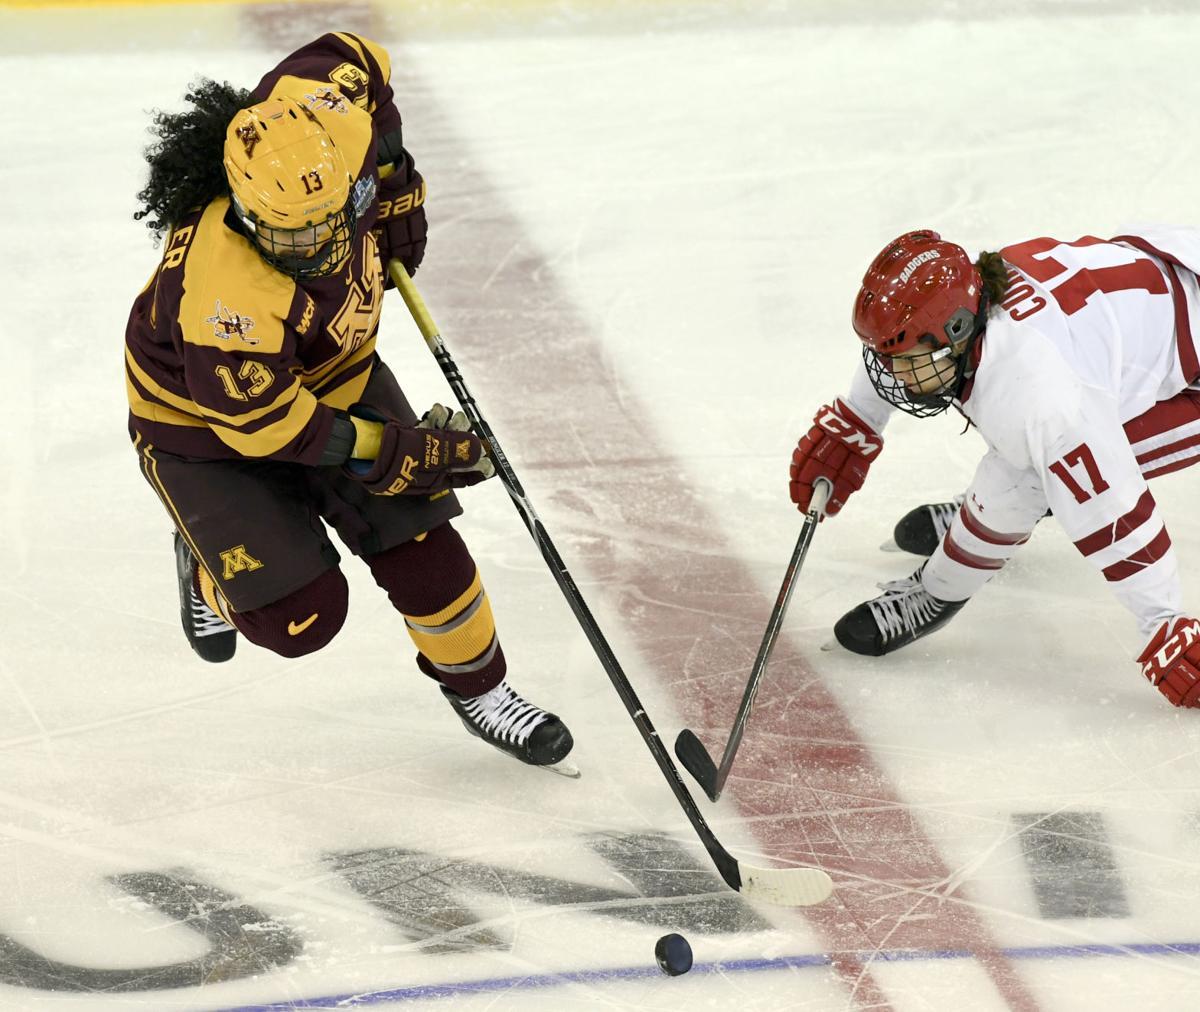 NCAA Championship Hockey